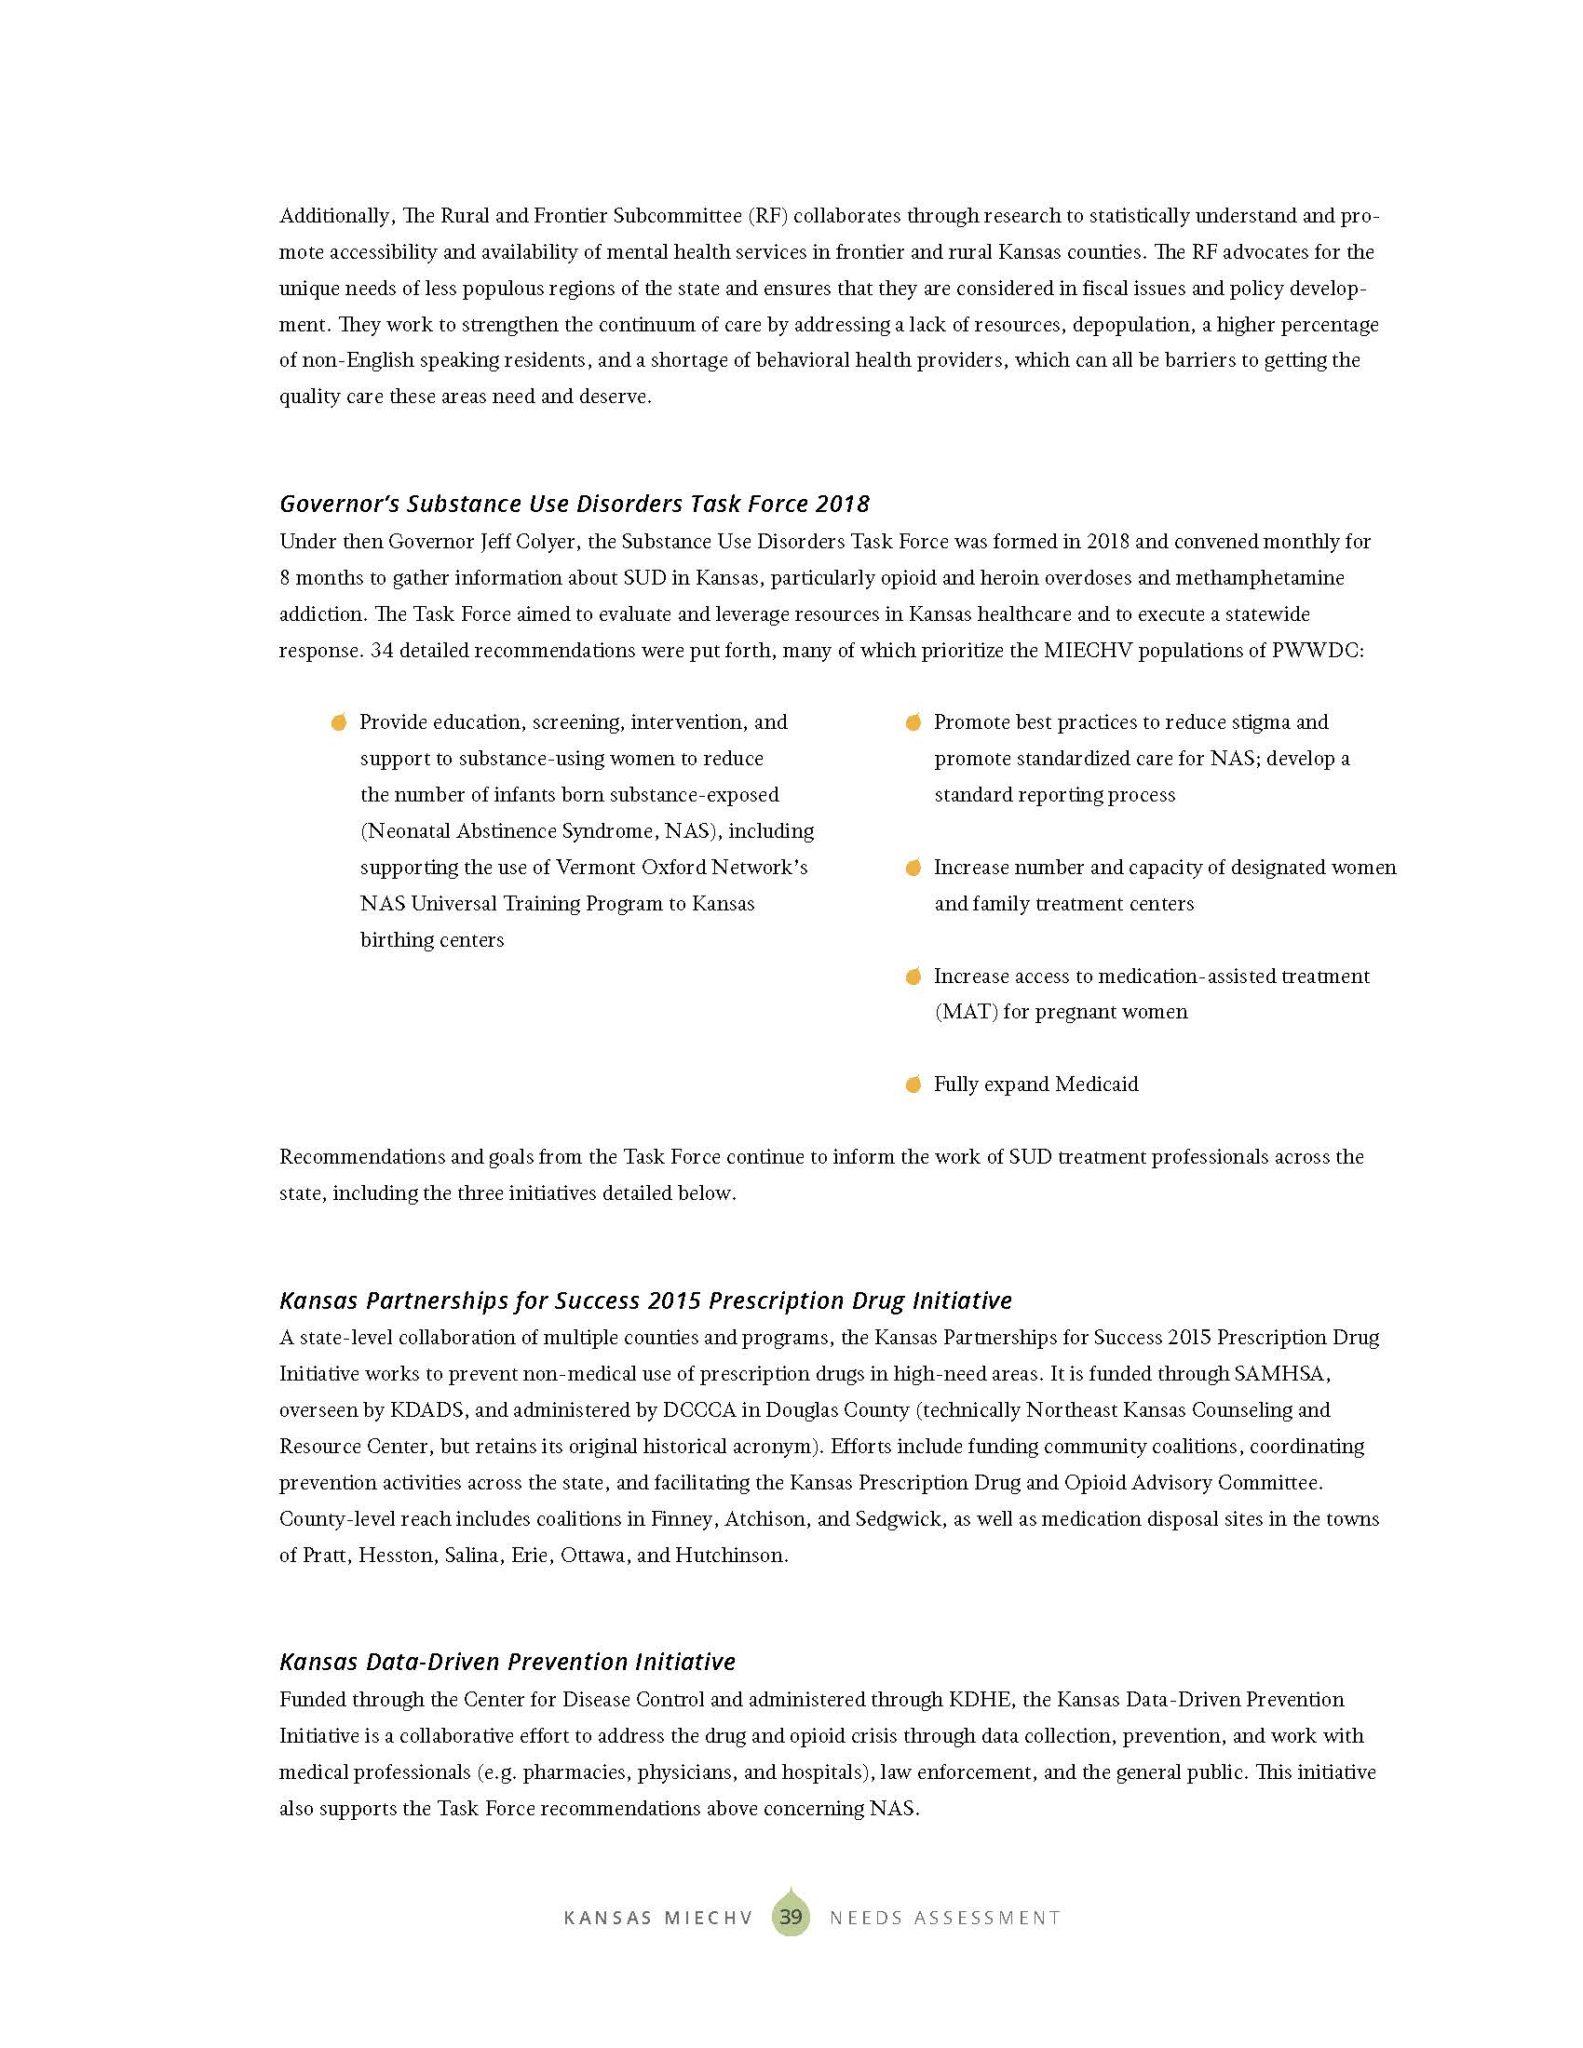 KS MIECHV 2020 Needs Assessment_DIGITAL_Page_047